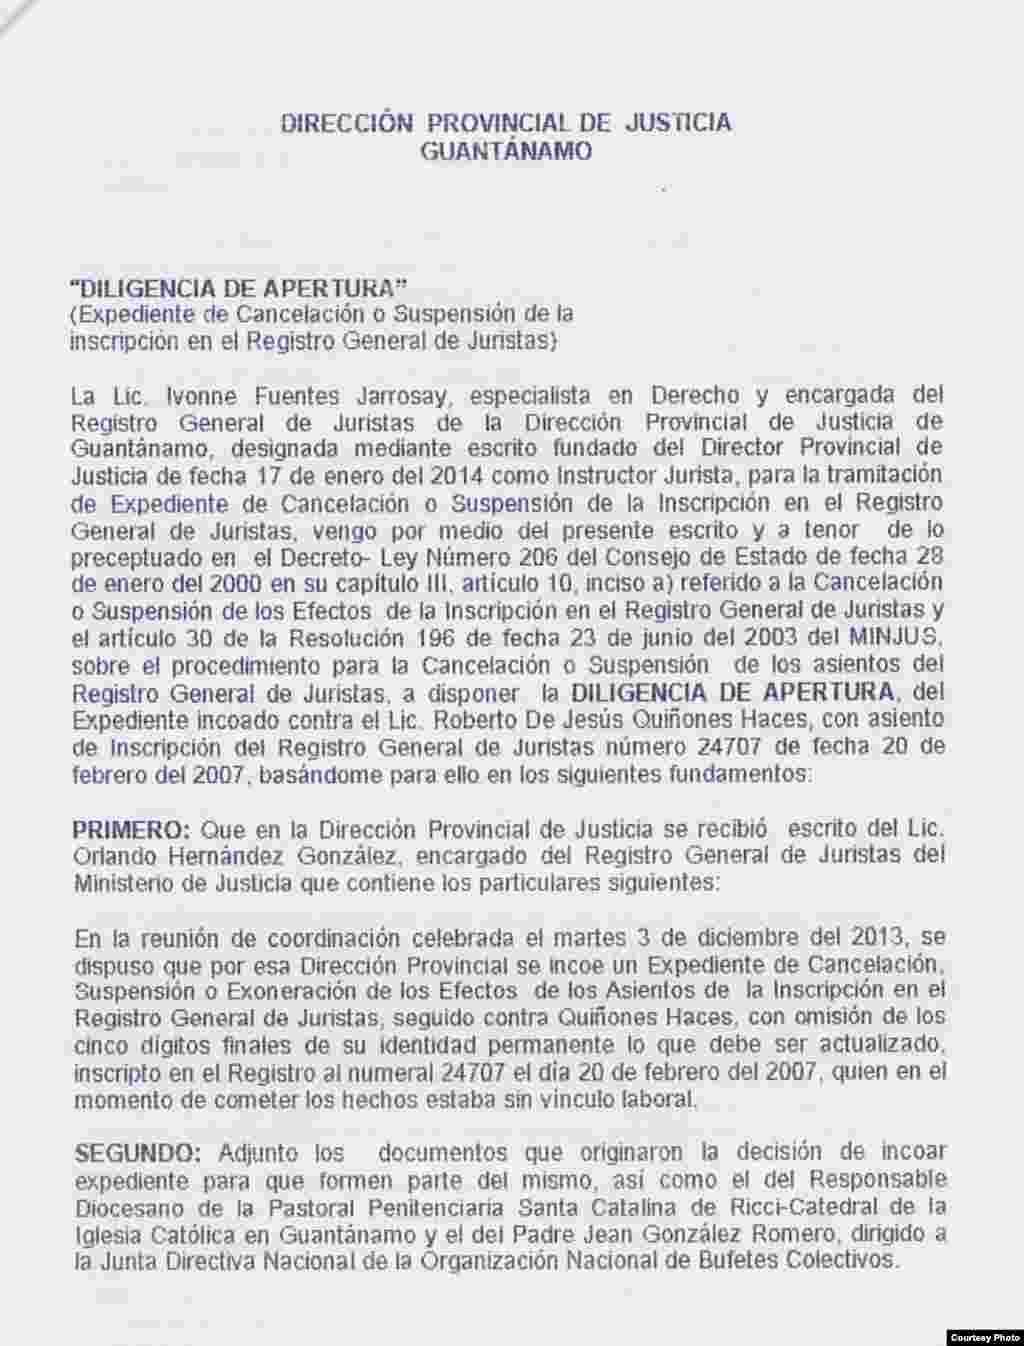 Notificación al abogado Roberto Quiñones